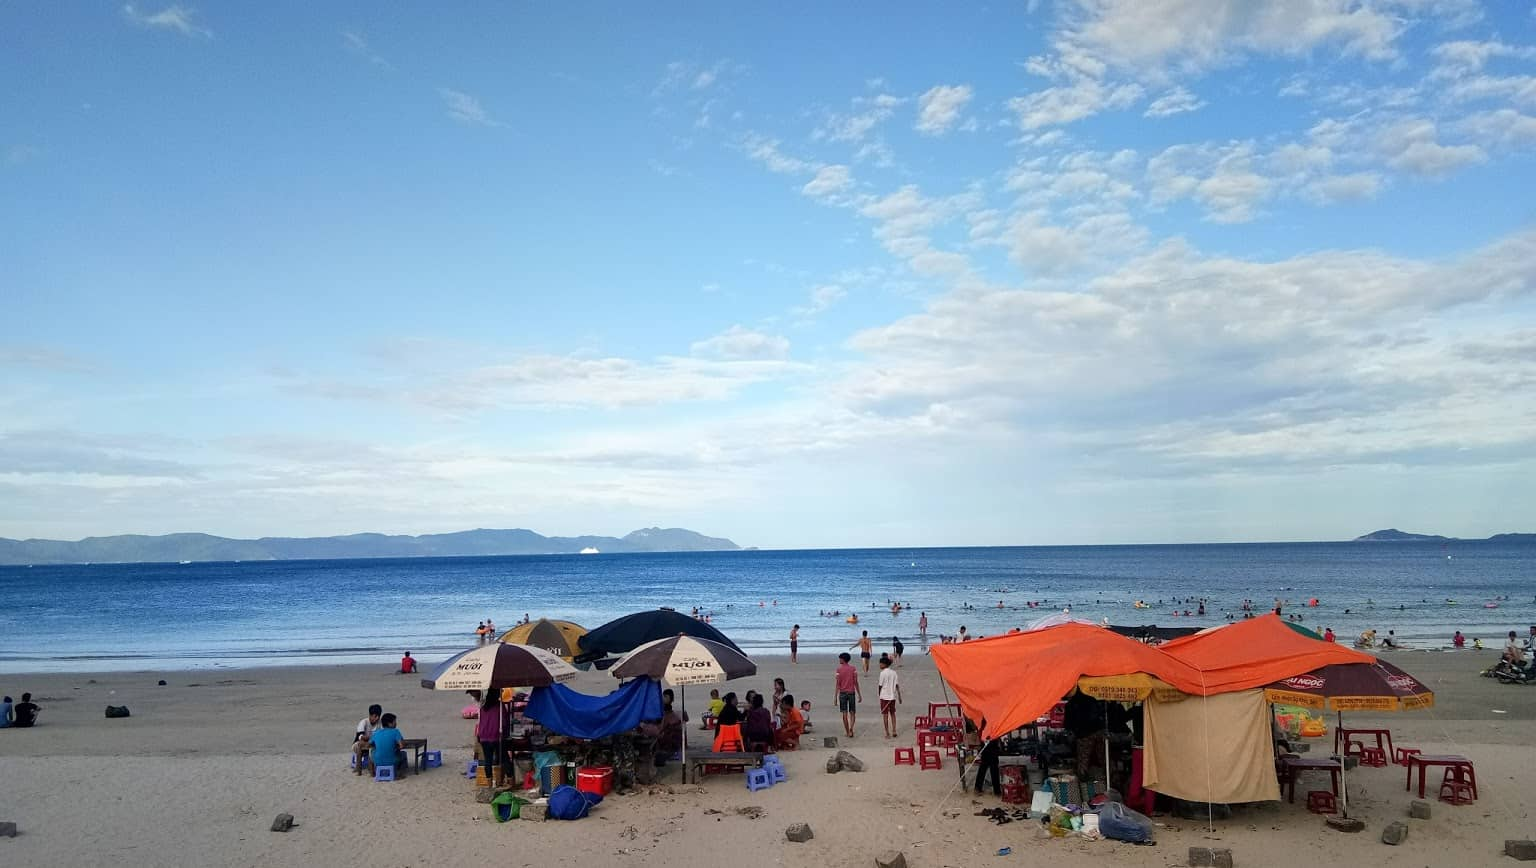 Activities in Doc Let beach